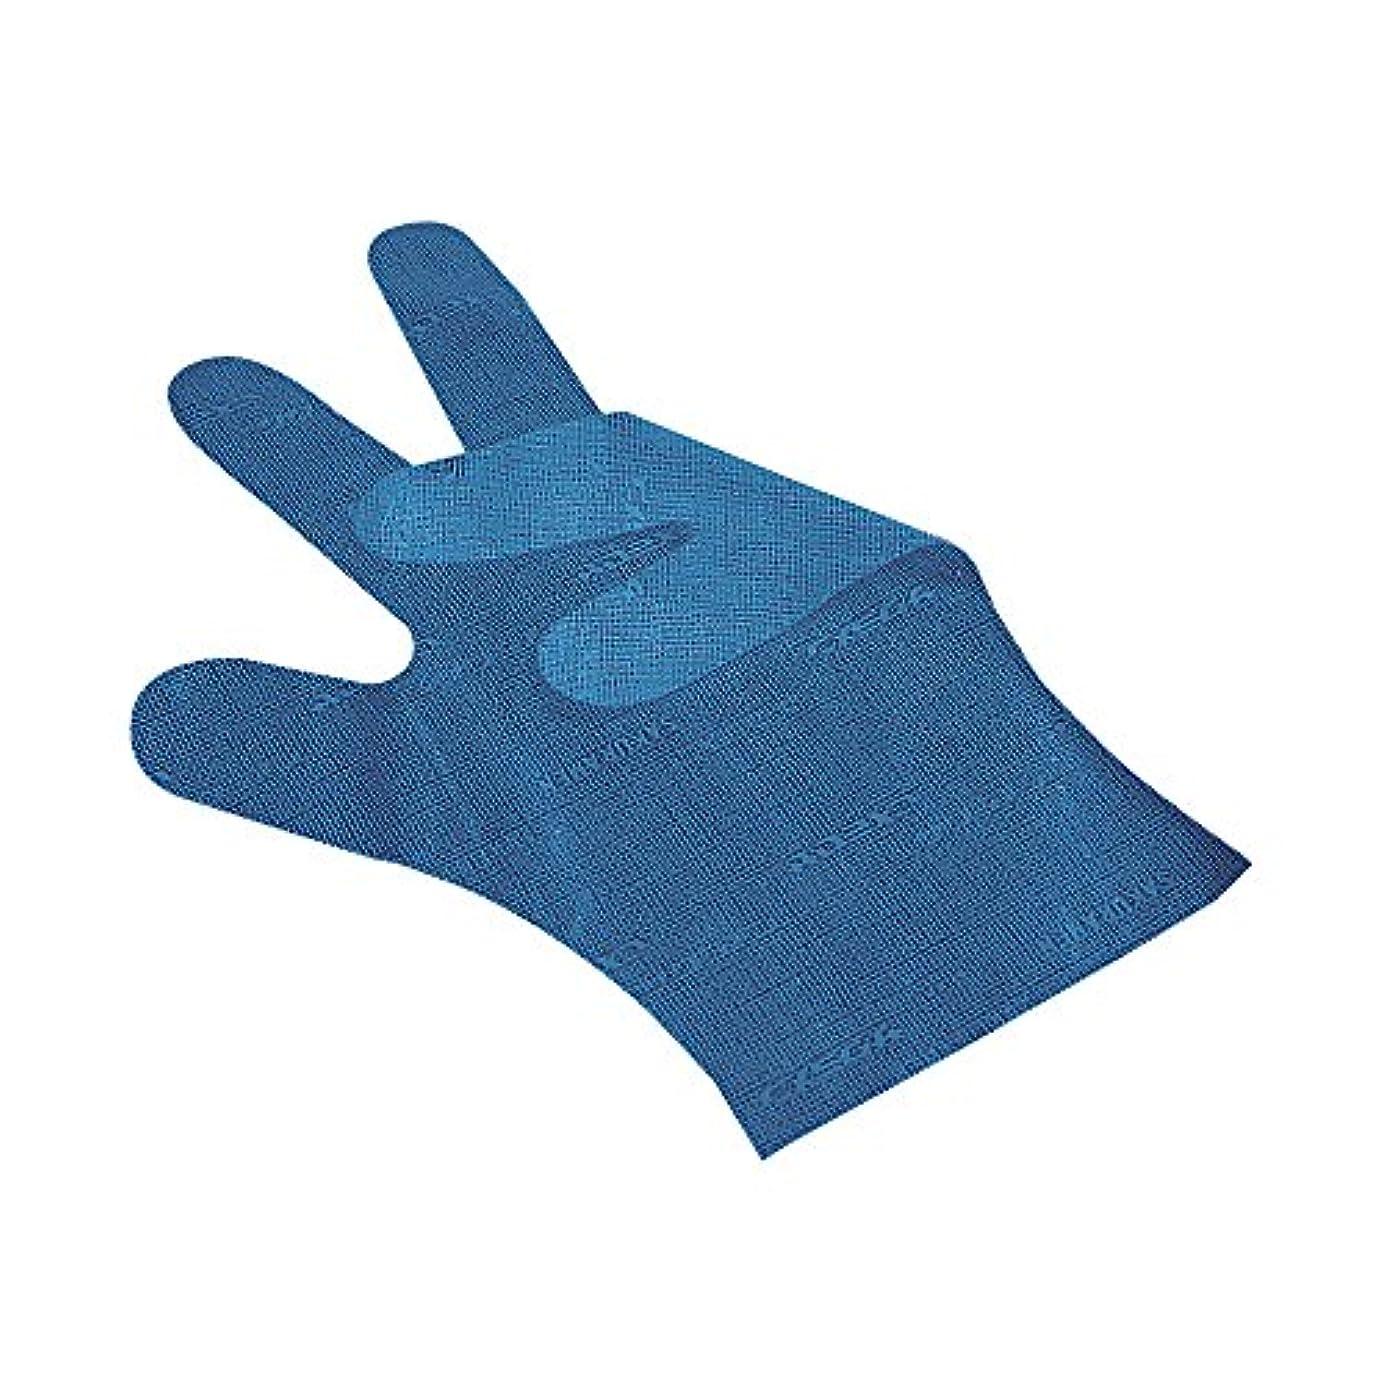 幅キノコシャークサクラメンエンボス手袋 デラックス ブルー L 100枚入